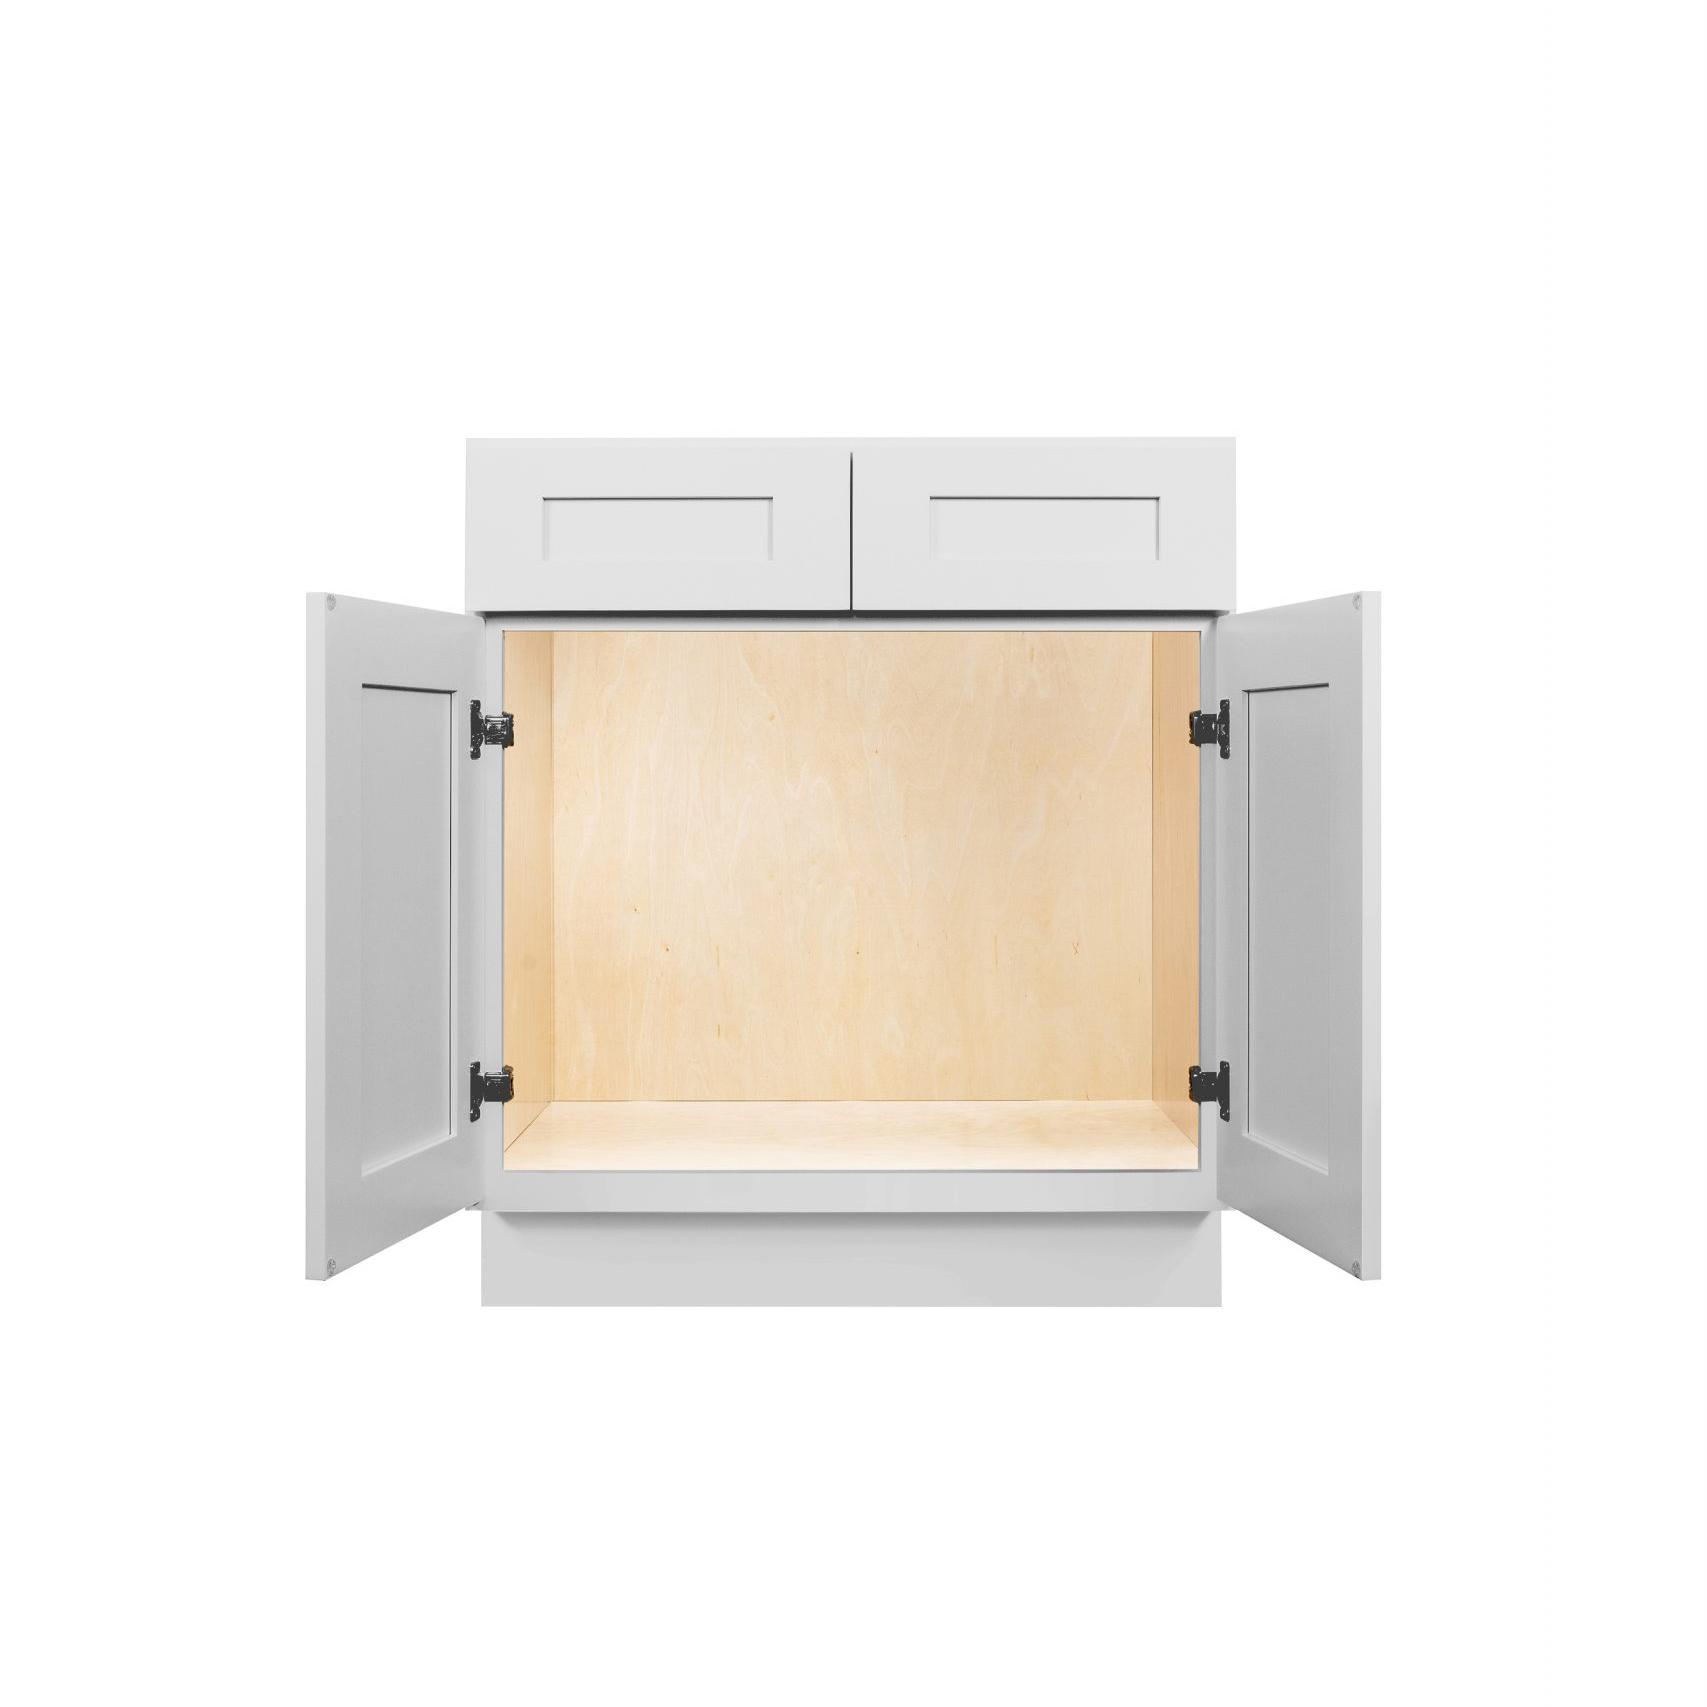 Gray Shaker Cabinetry SB30, SB33, SB36